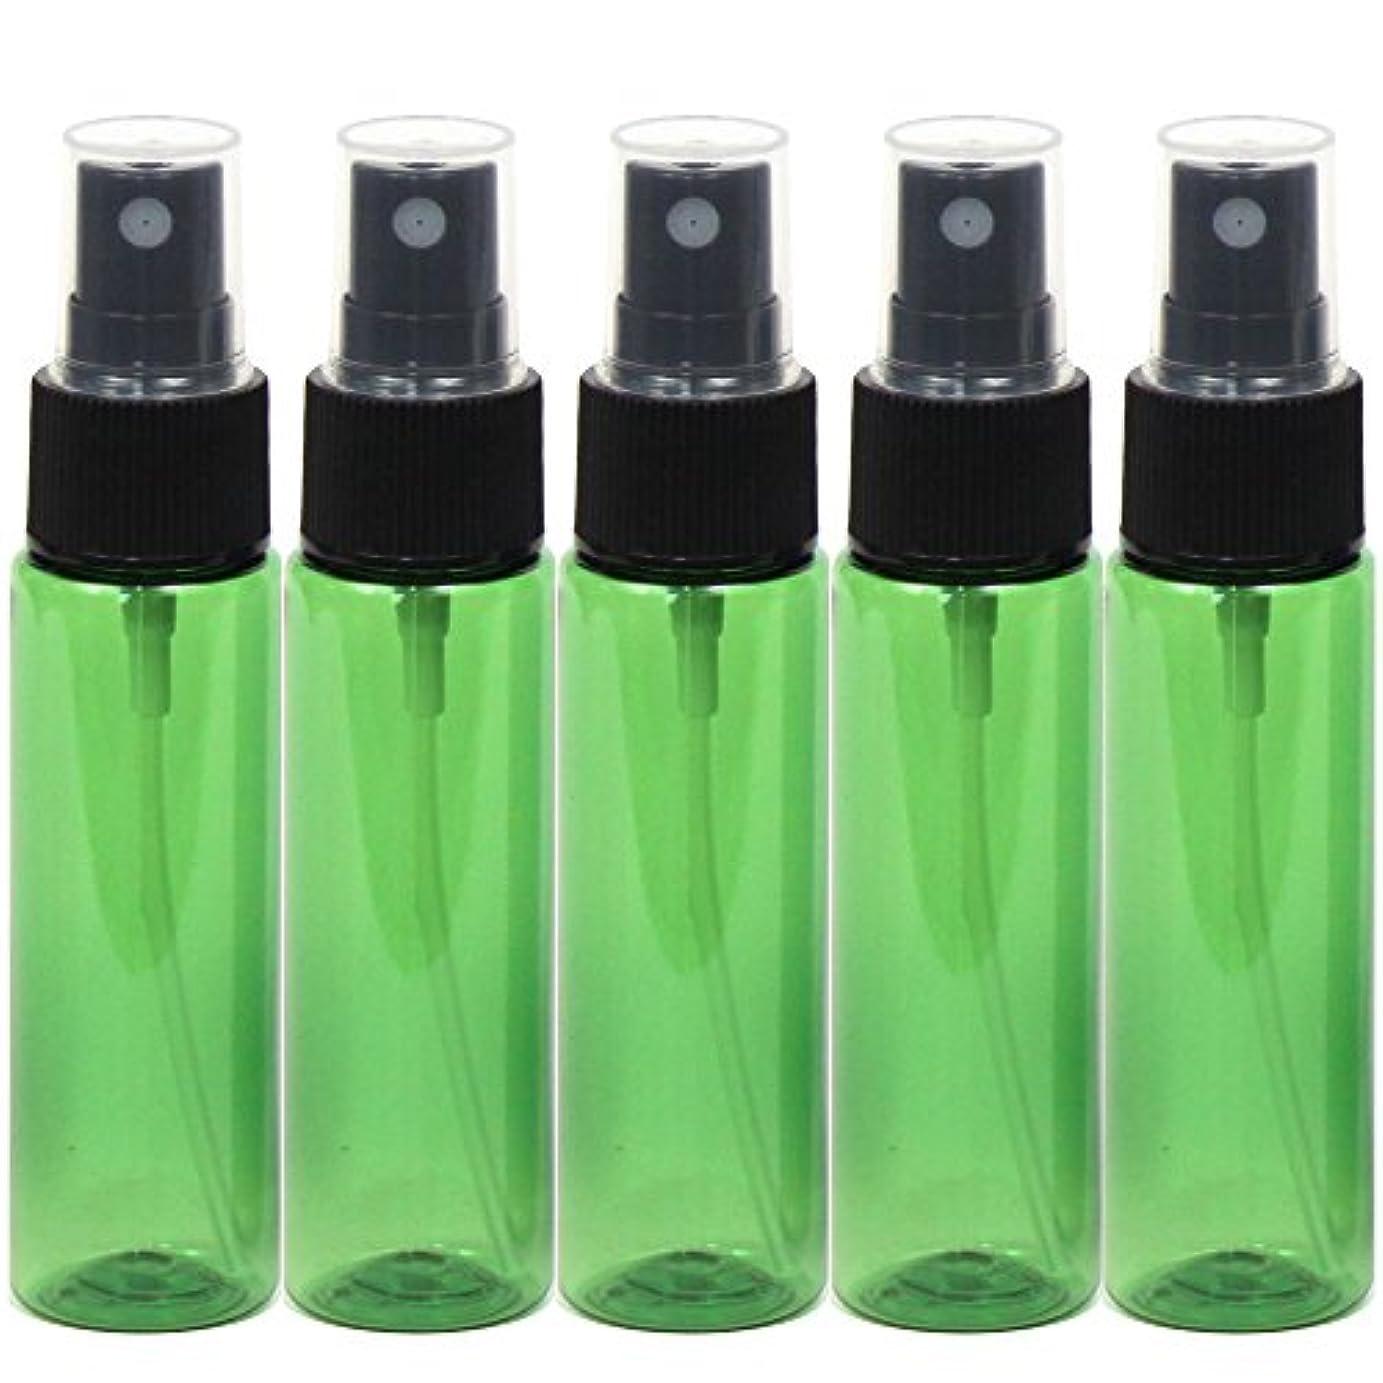 切る宴会アナログスプレーボトル 30mL グリーン 5本セット 遮光性 おしゃれ空容器gr30-5